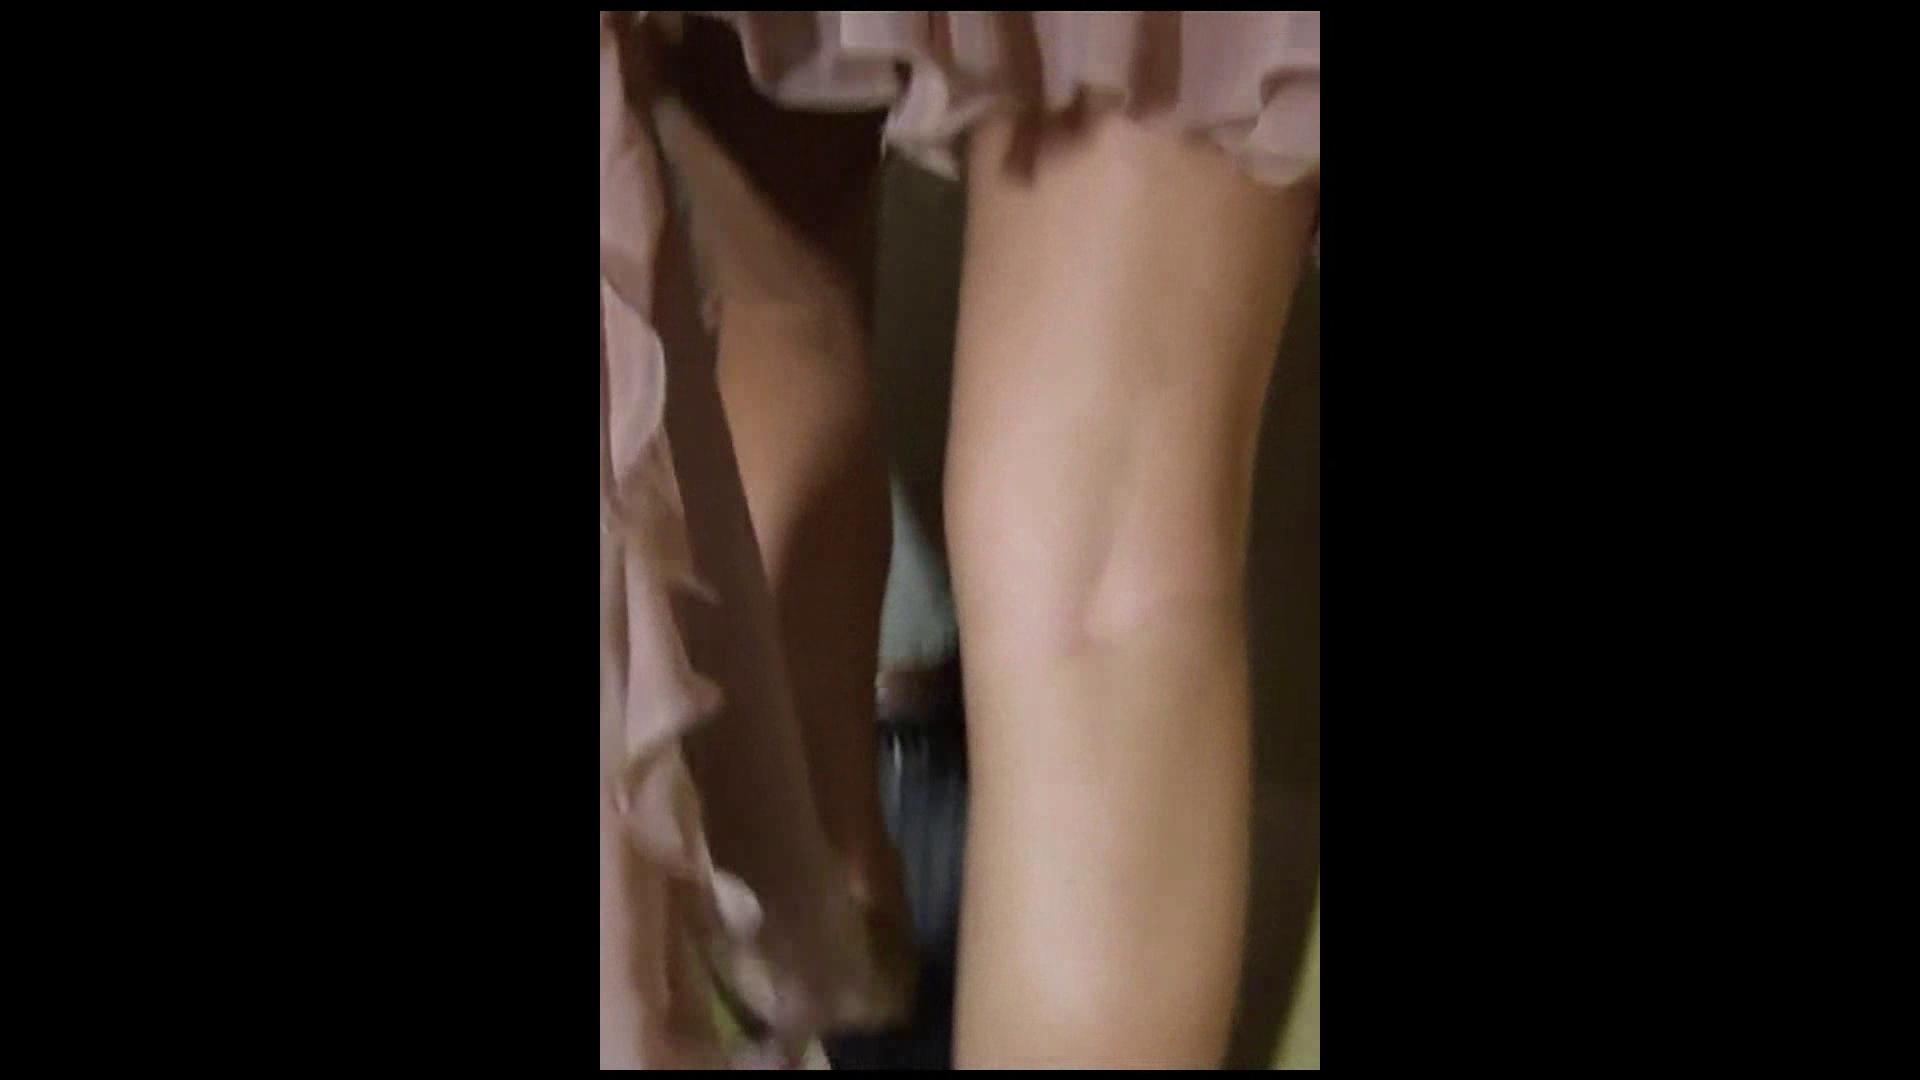 綺麗なモデルさんのスカート捲っちゃおう‼vol03 お姉さんのエロ動画  101PIX 52